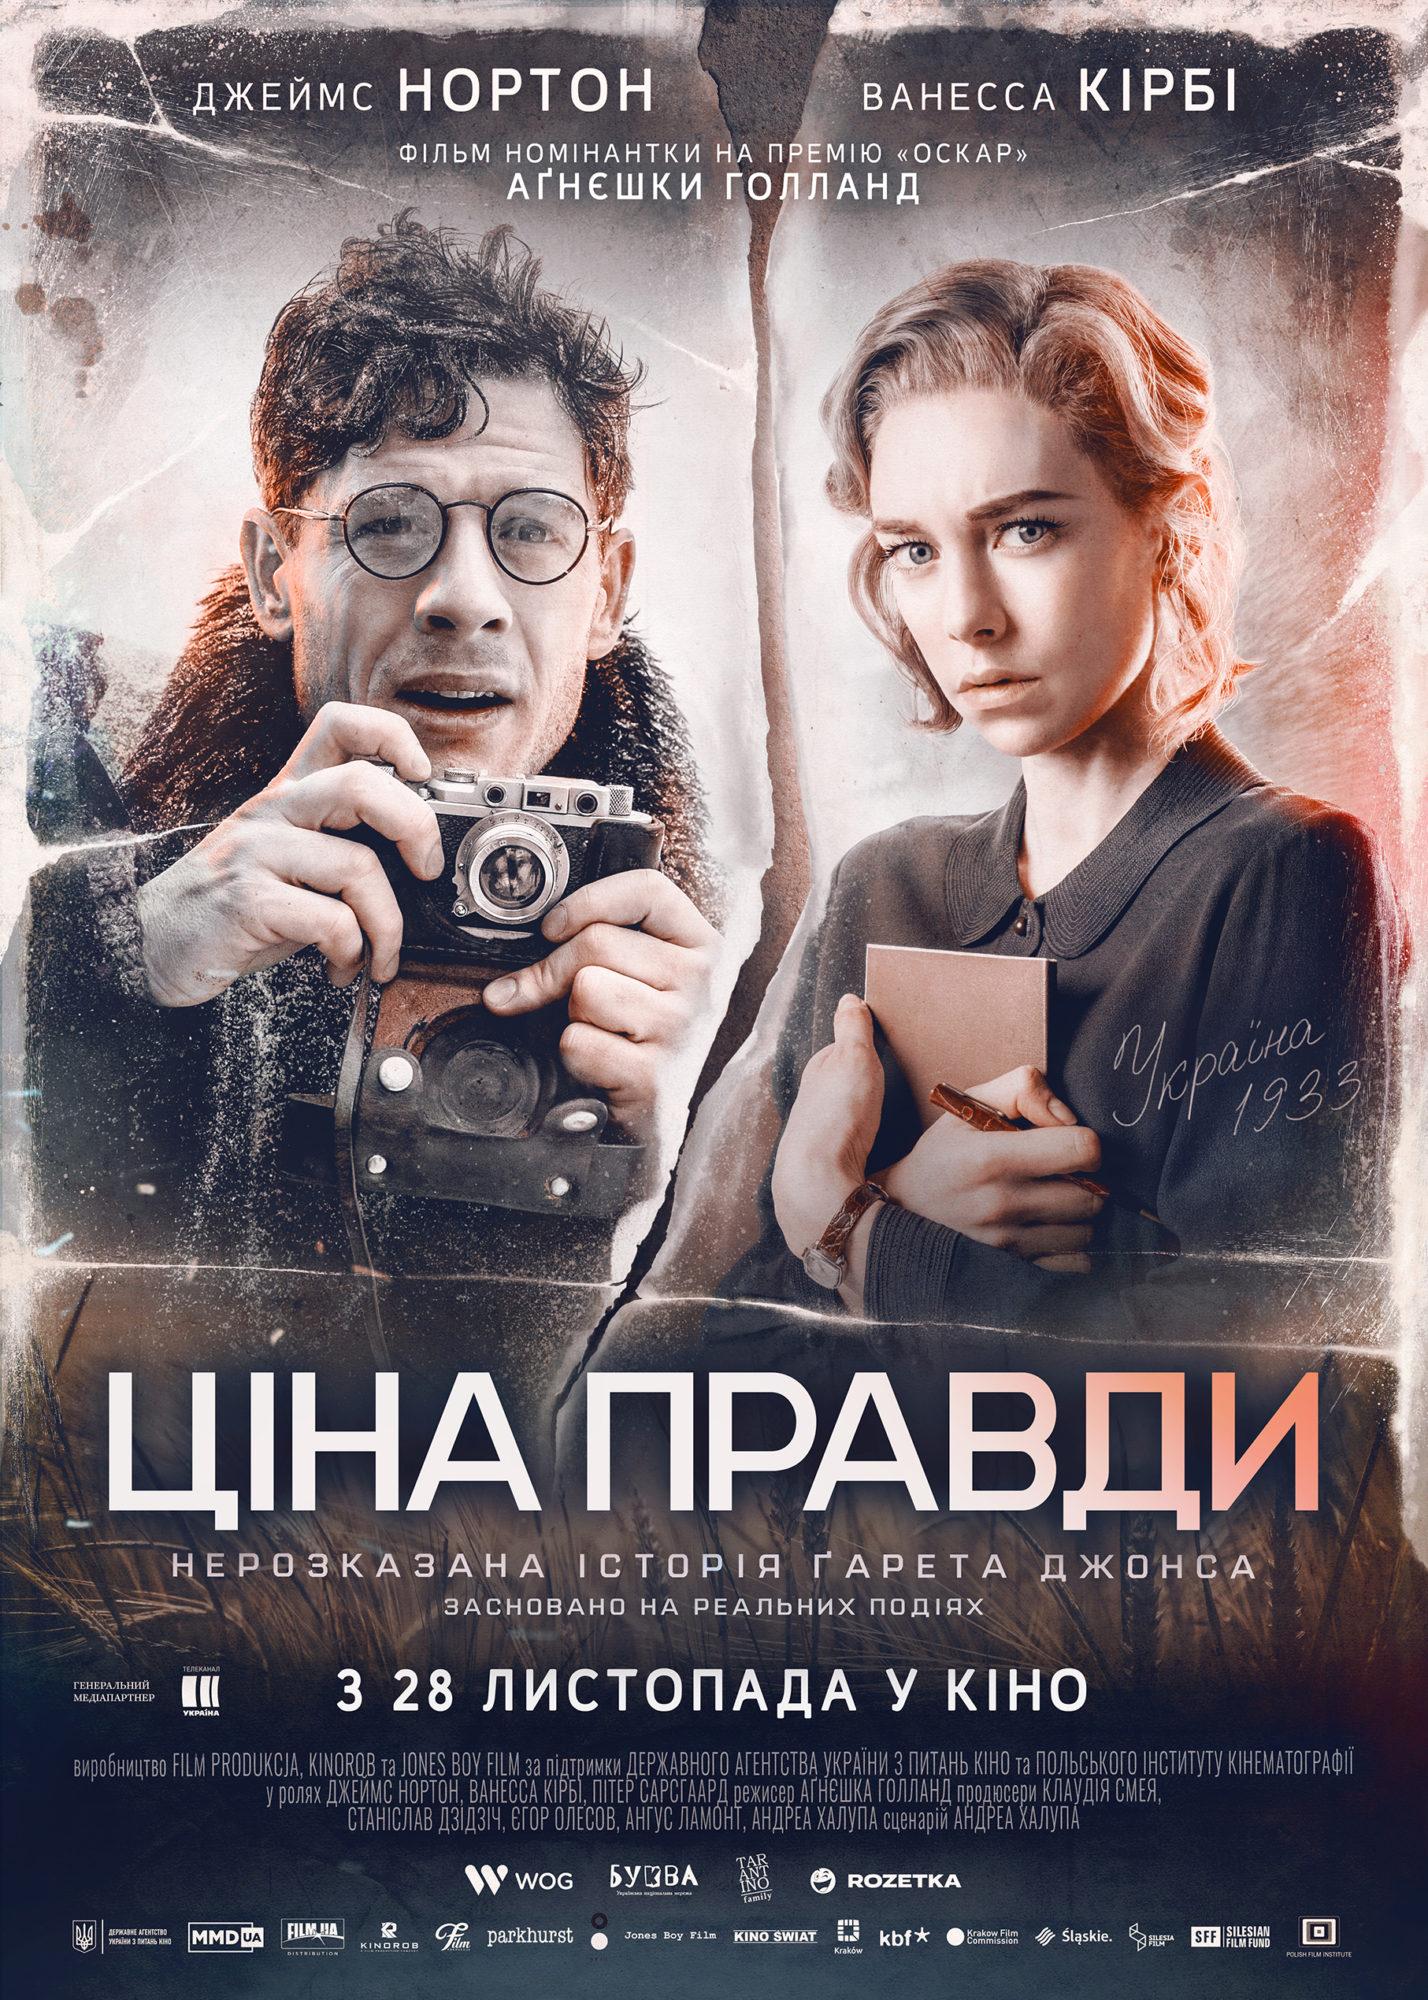 TSina-pravdy-poster-1428x2000 «Ціна правди»: вийшов український постер спільного фільму